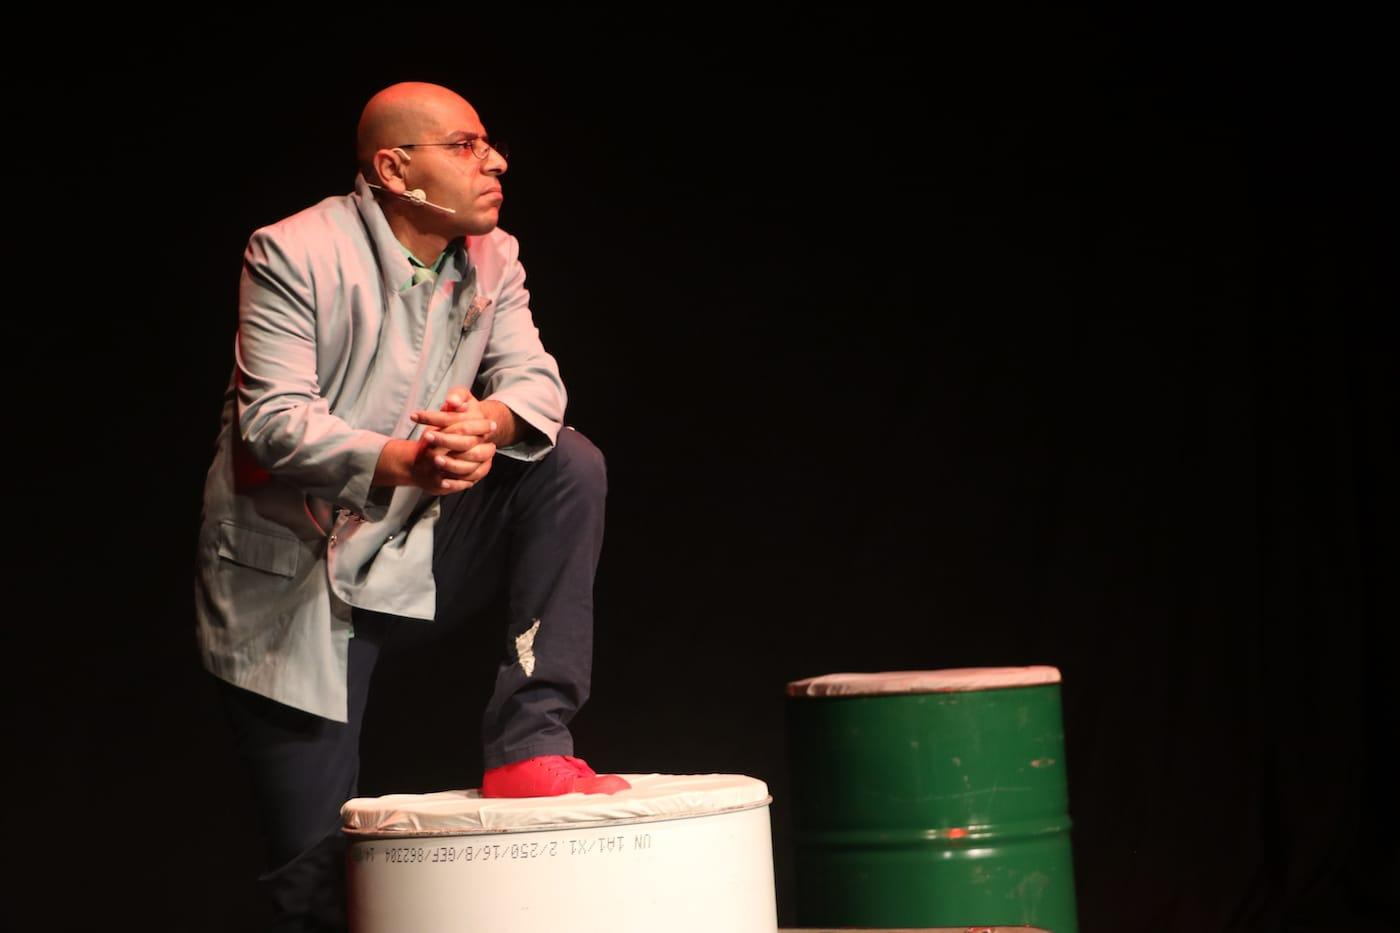 مسرح المهباش: كوميديا في النقب